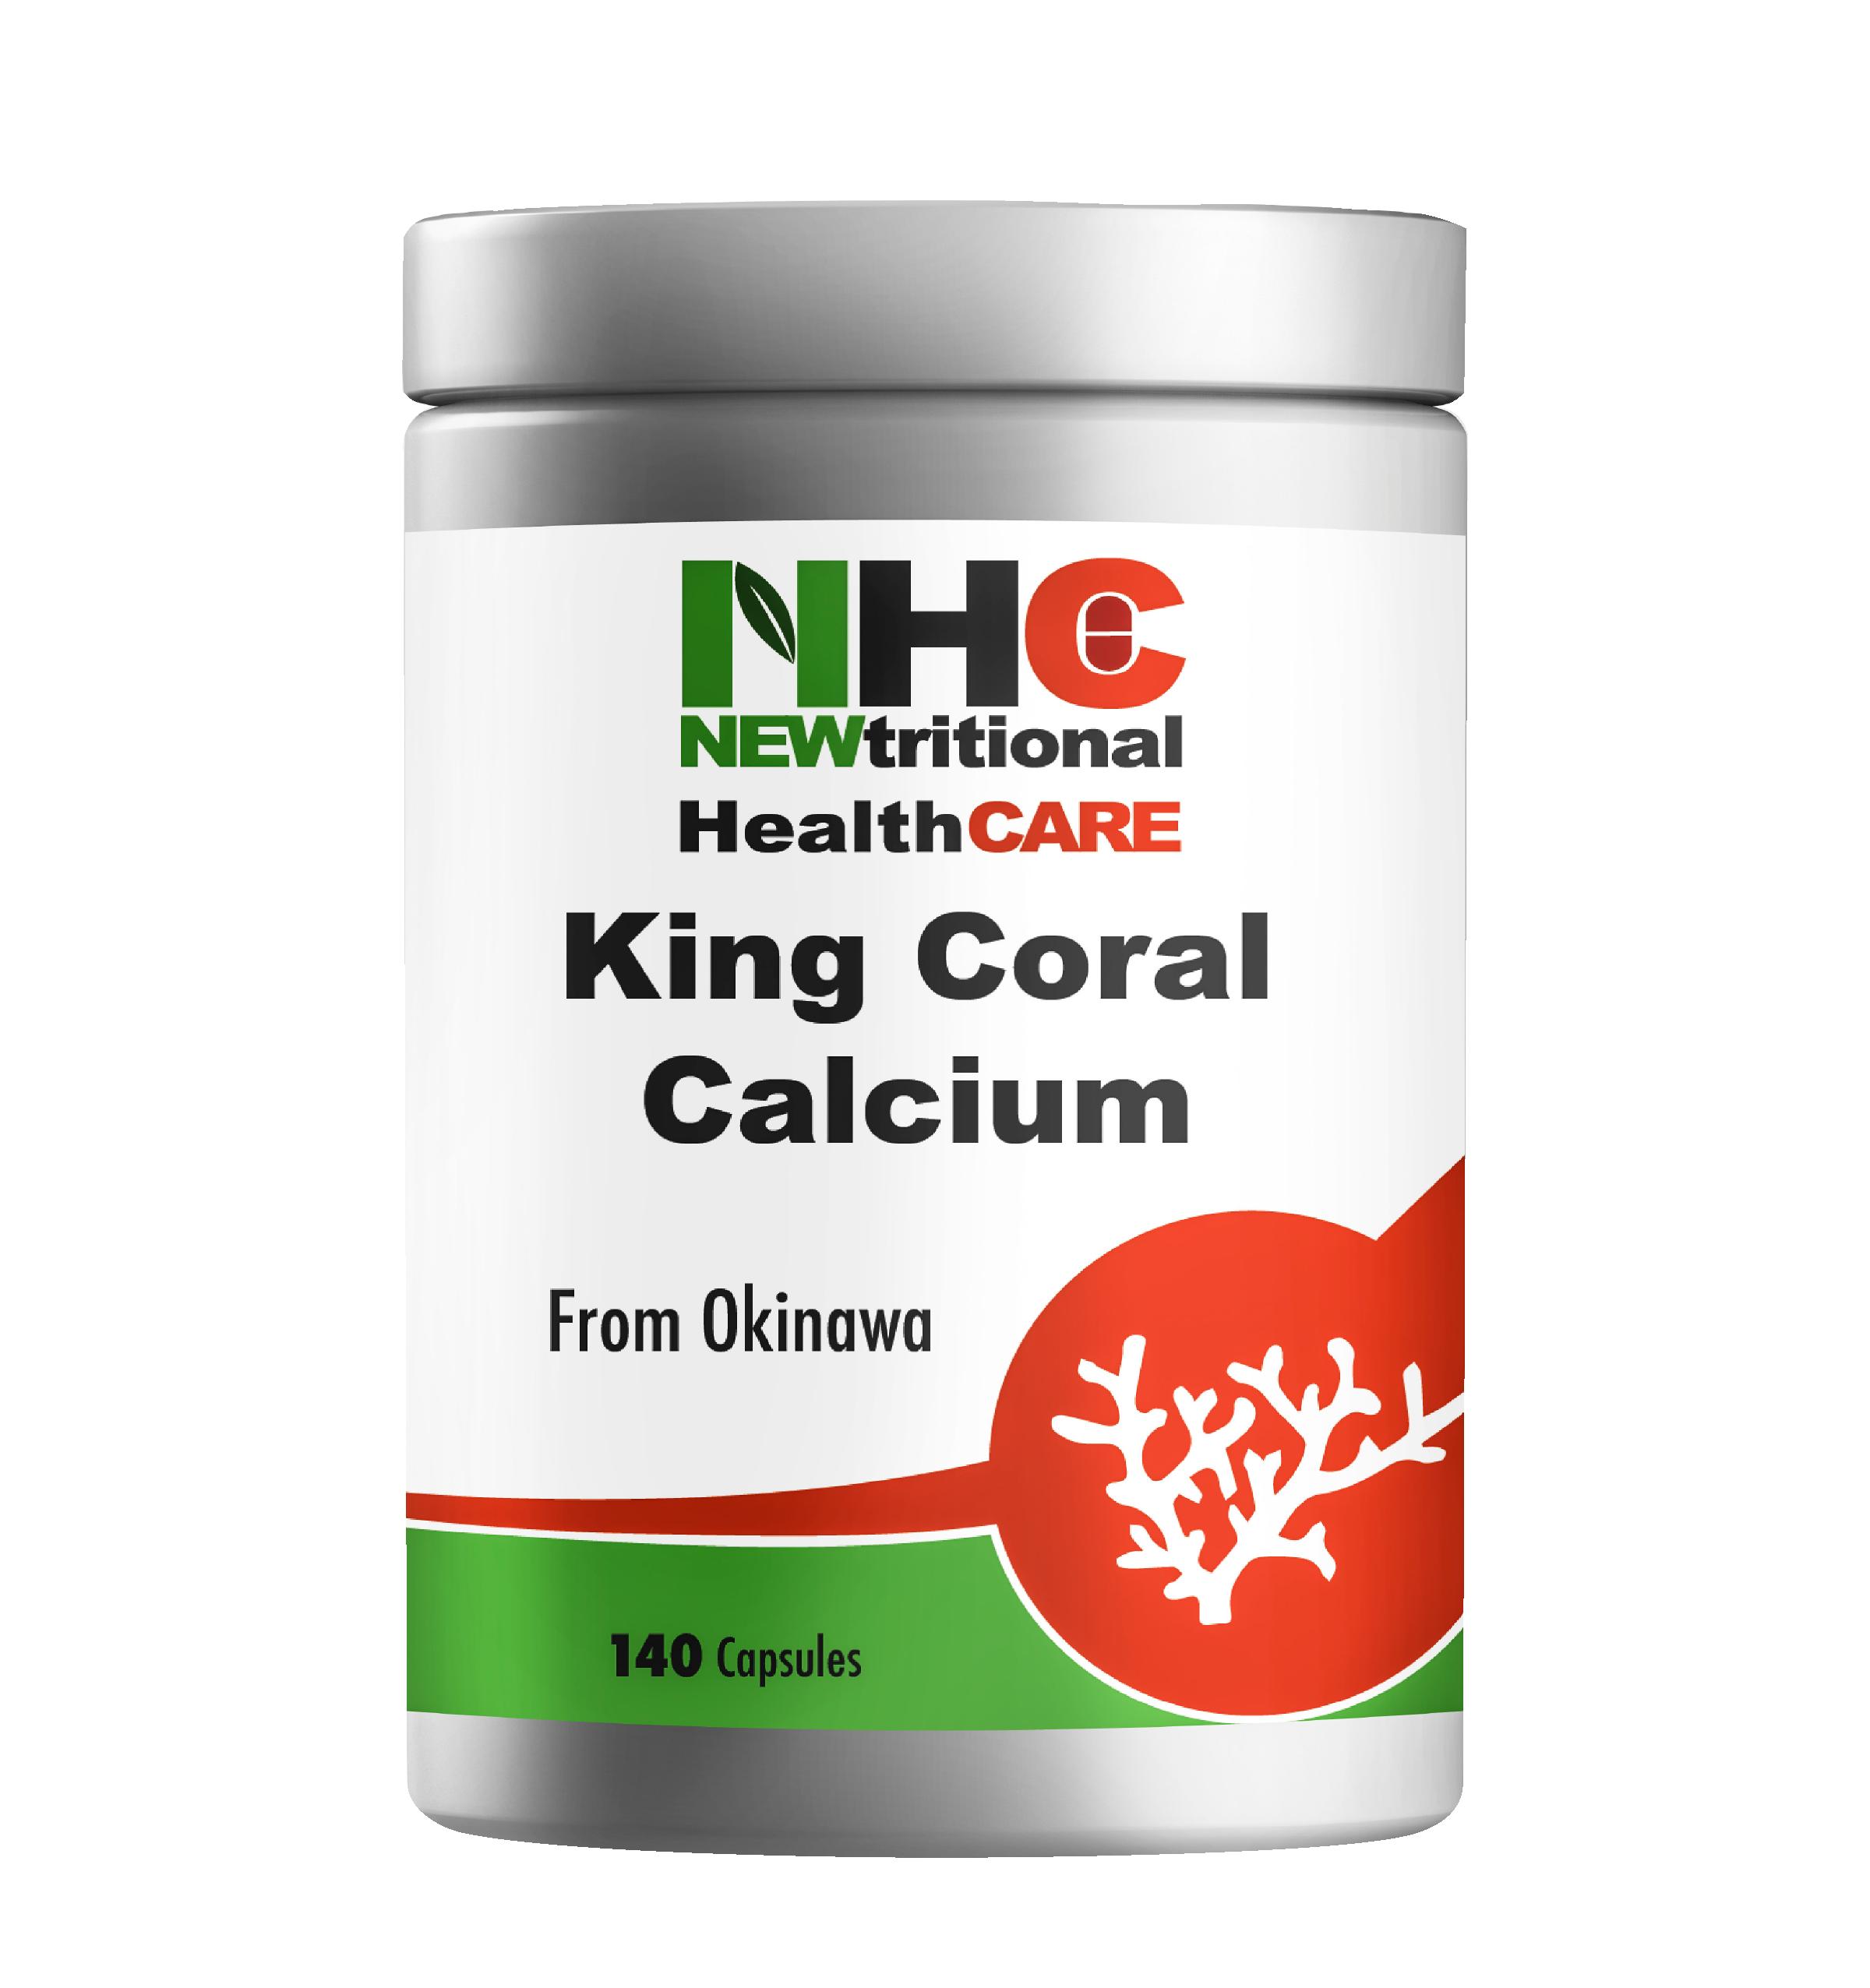 King Coral Calcium